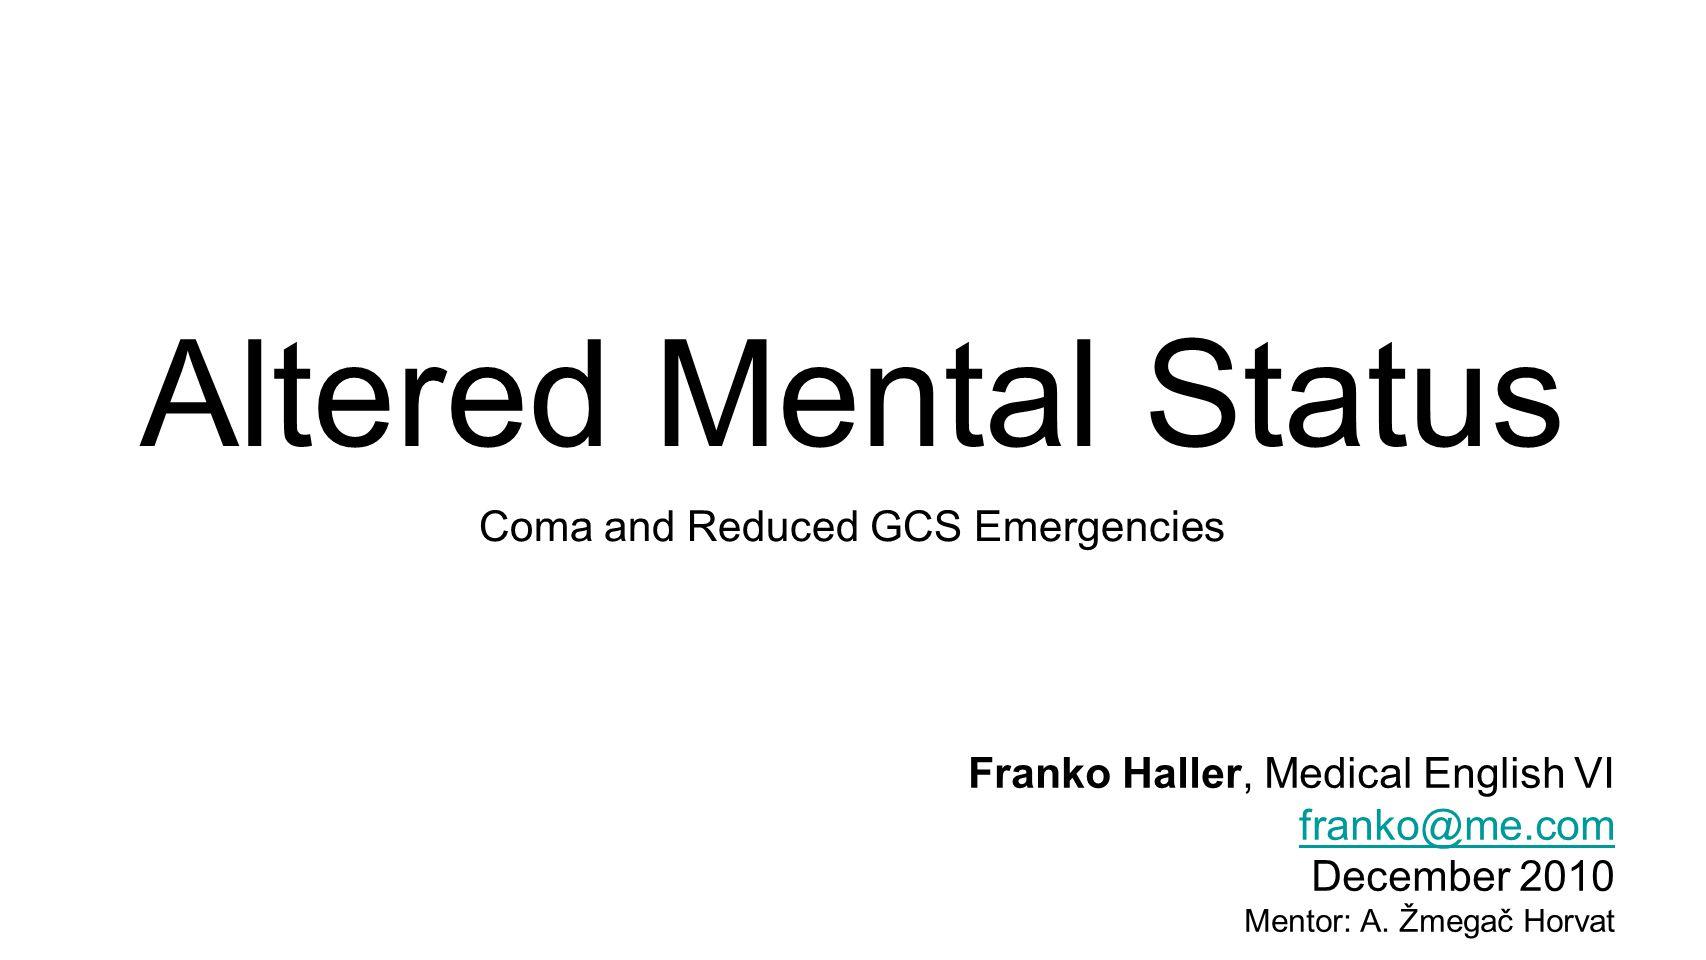 Altered Mental Status Coma and Reduced GCS Emergencies Franko Haller, Medical English VI franko@me.com December 2010 Mentor: A. Žmegač Horvat